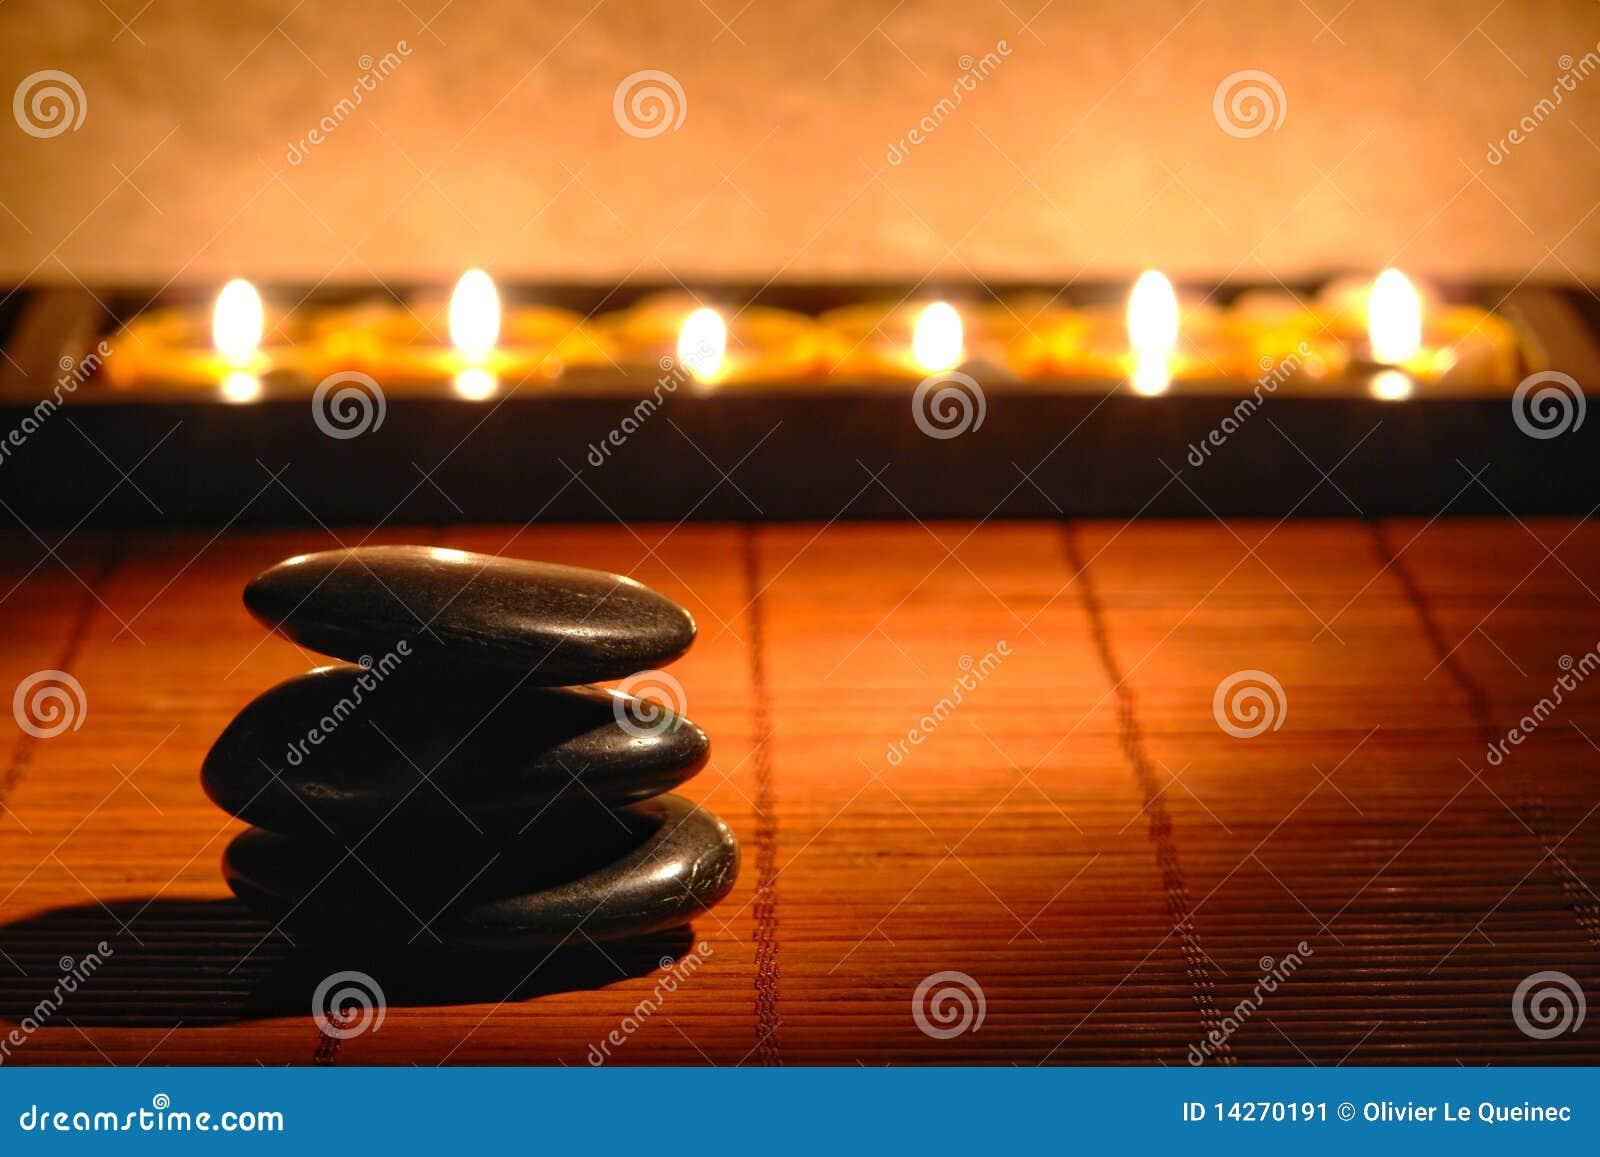 PoliersteinKern mit Kerzen in einem Badekurort